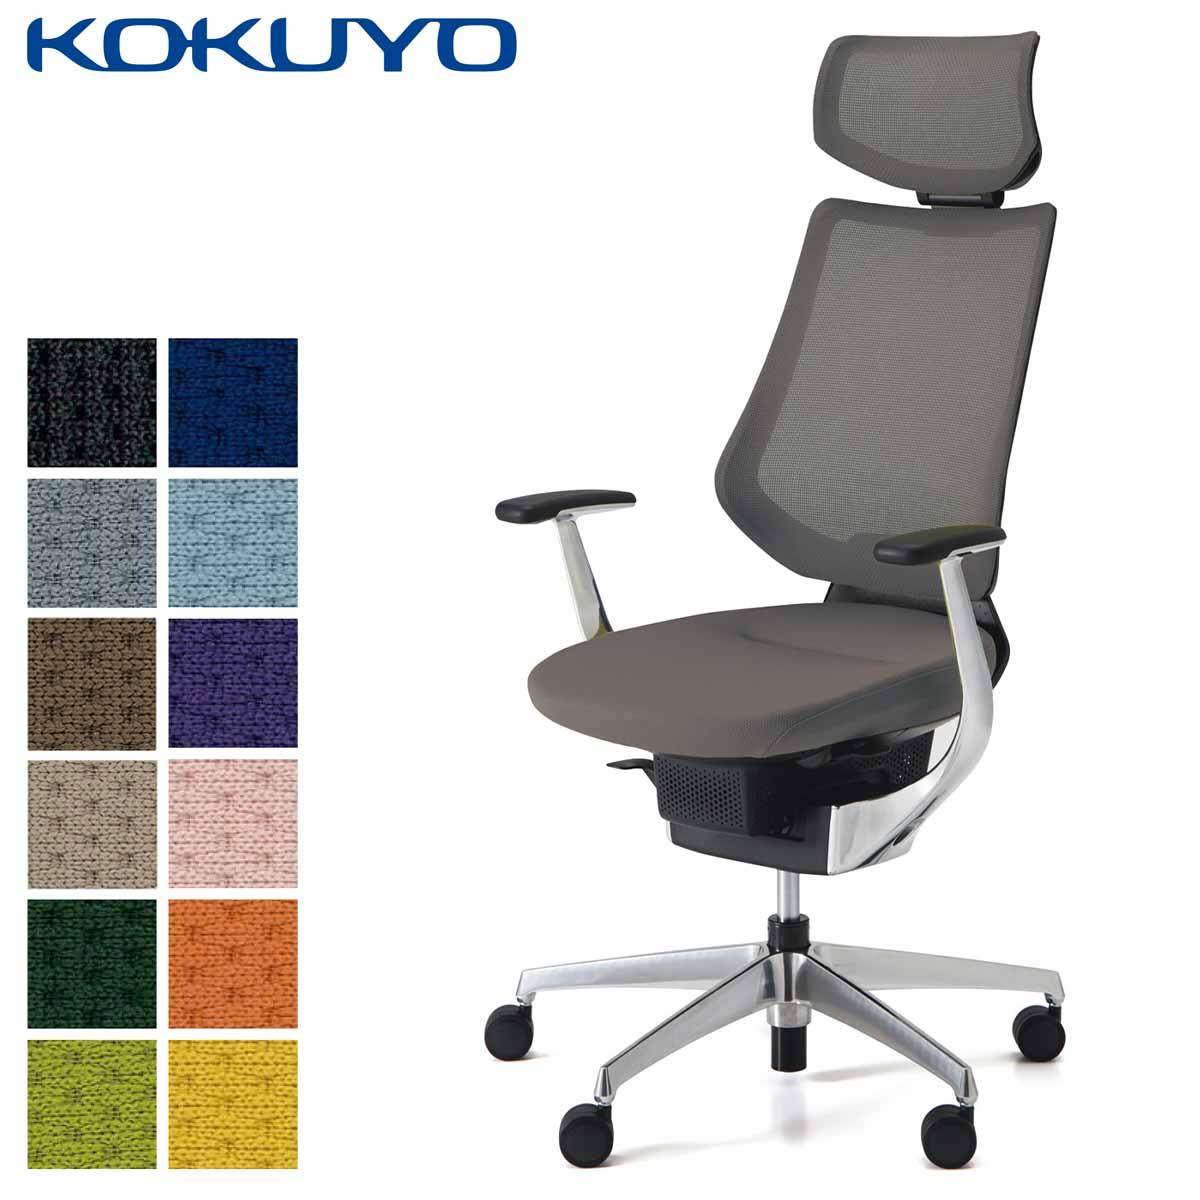 コクヨ デスクチェア オフィスチェア 椅子 ing イング CR-GA3445E6 メッシュタイプ ヘッドレスト付きタイプ アルミ肘 ブラックシェル アルミポリッシュ脚 -v フローリング用キャスター